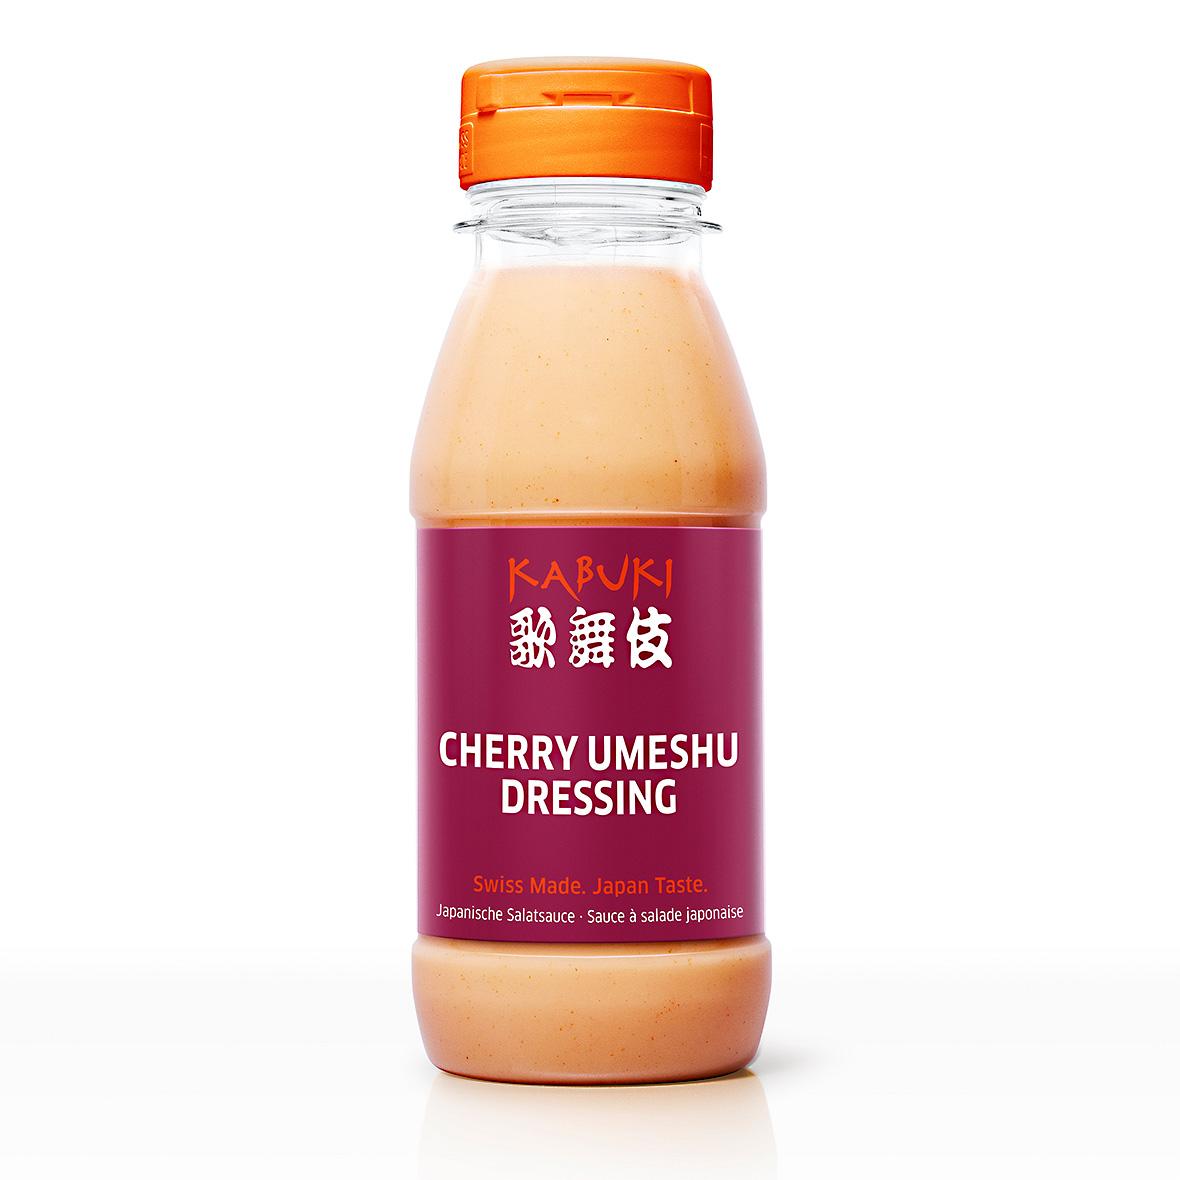 Kabuki Cherry Umeshu Dressing 270 ml